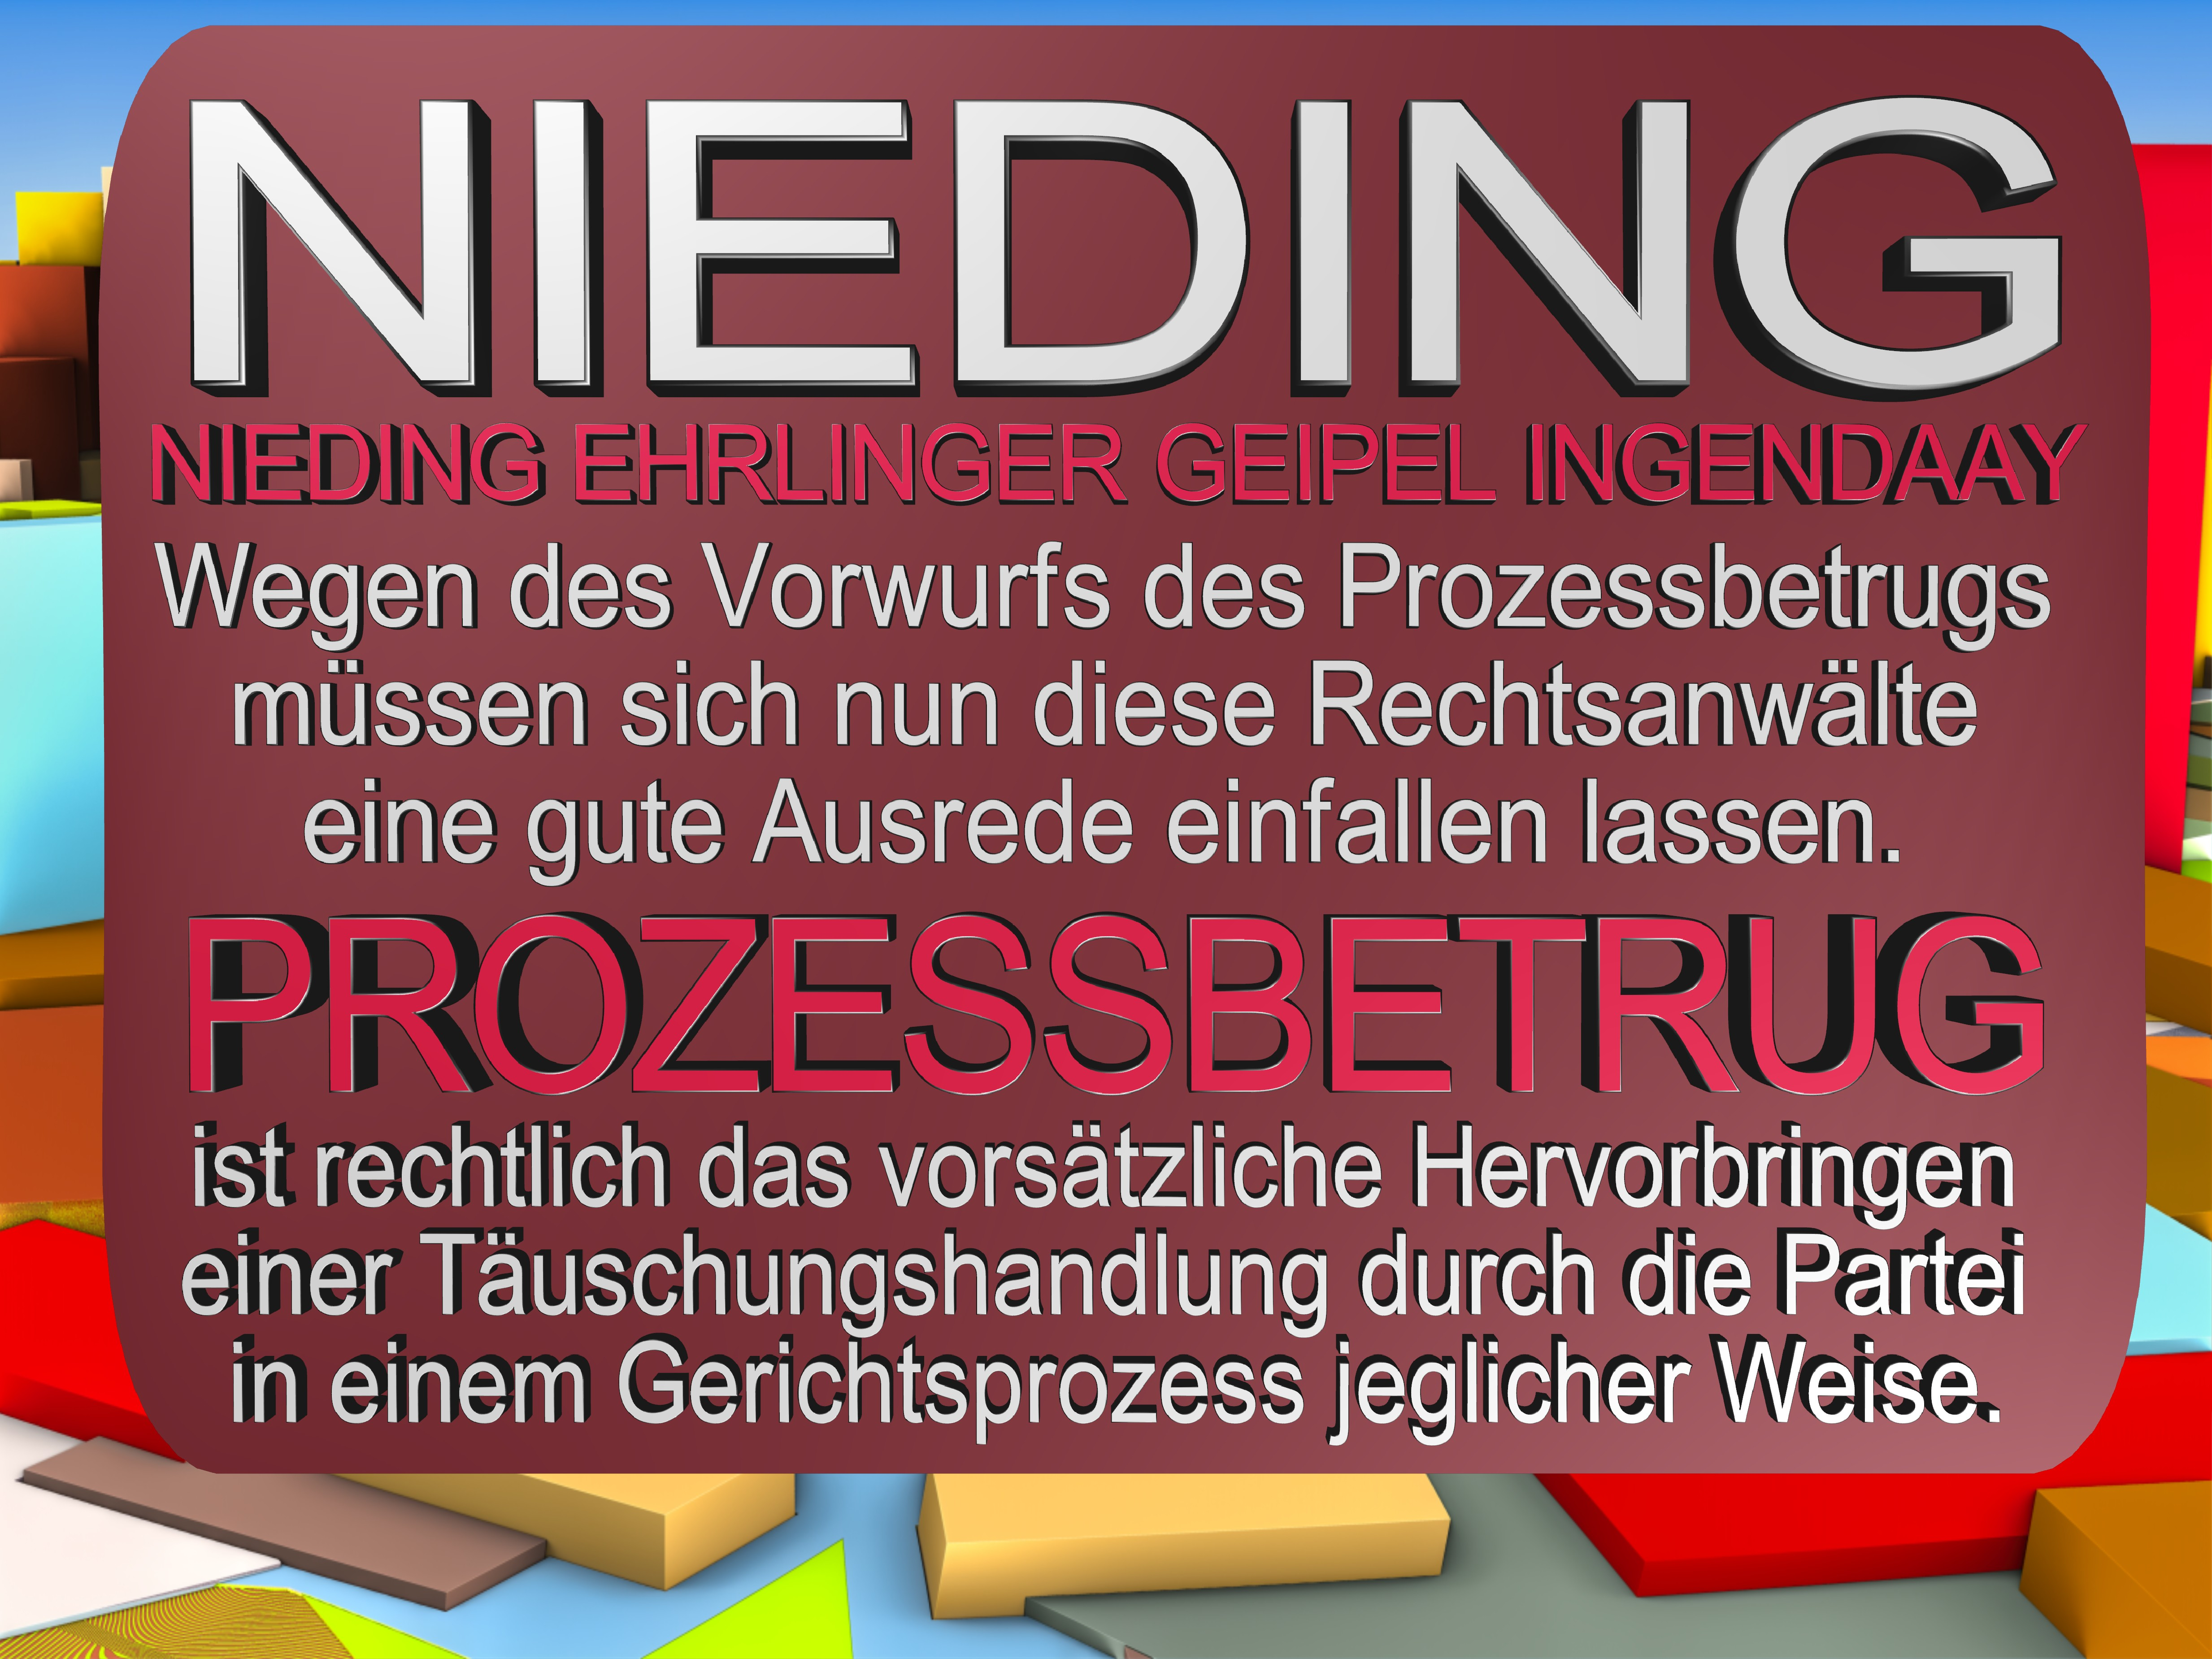 NIEDING EHRLINGER GEIPEL INGENDAAY LELKE Kurfürstendamm 66 Berlin (112)